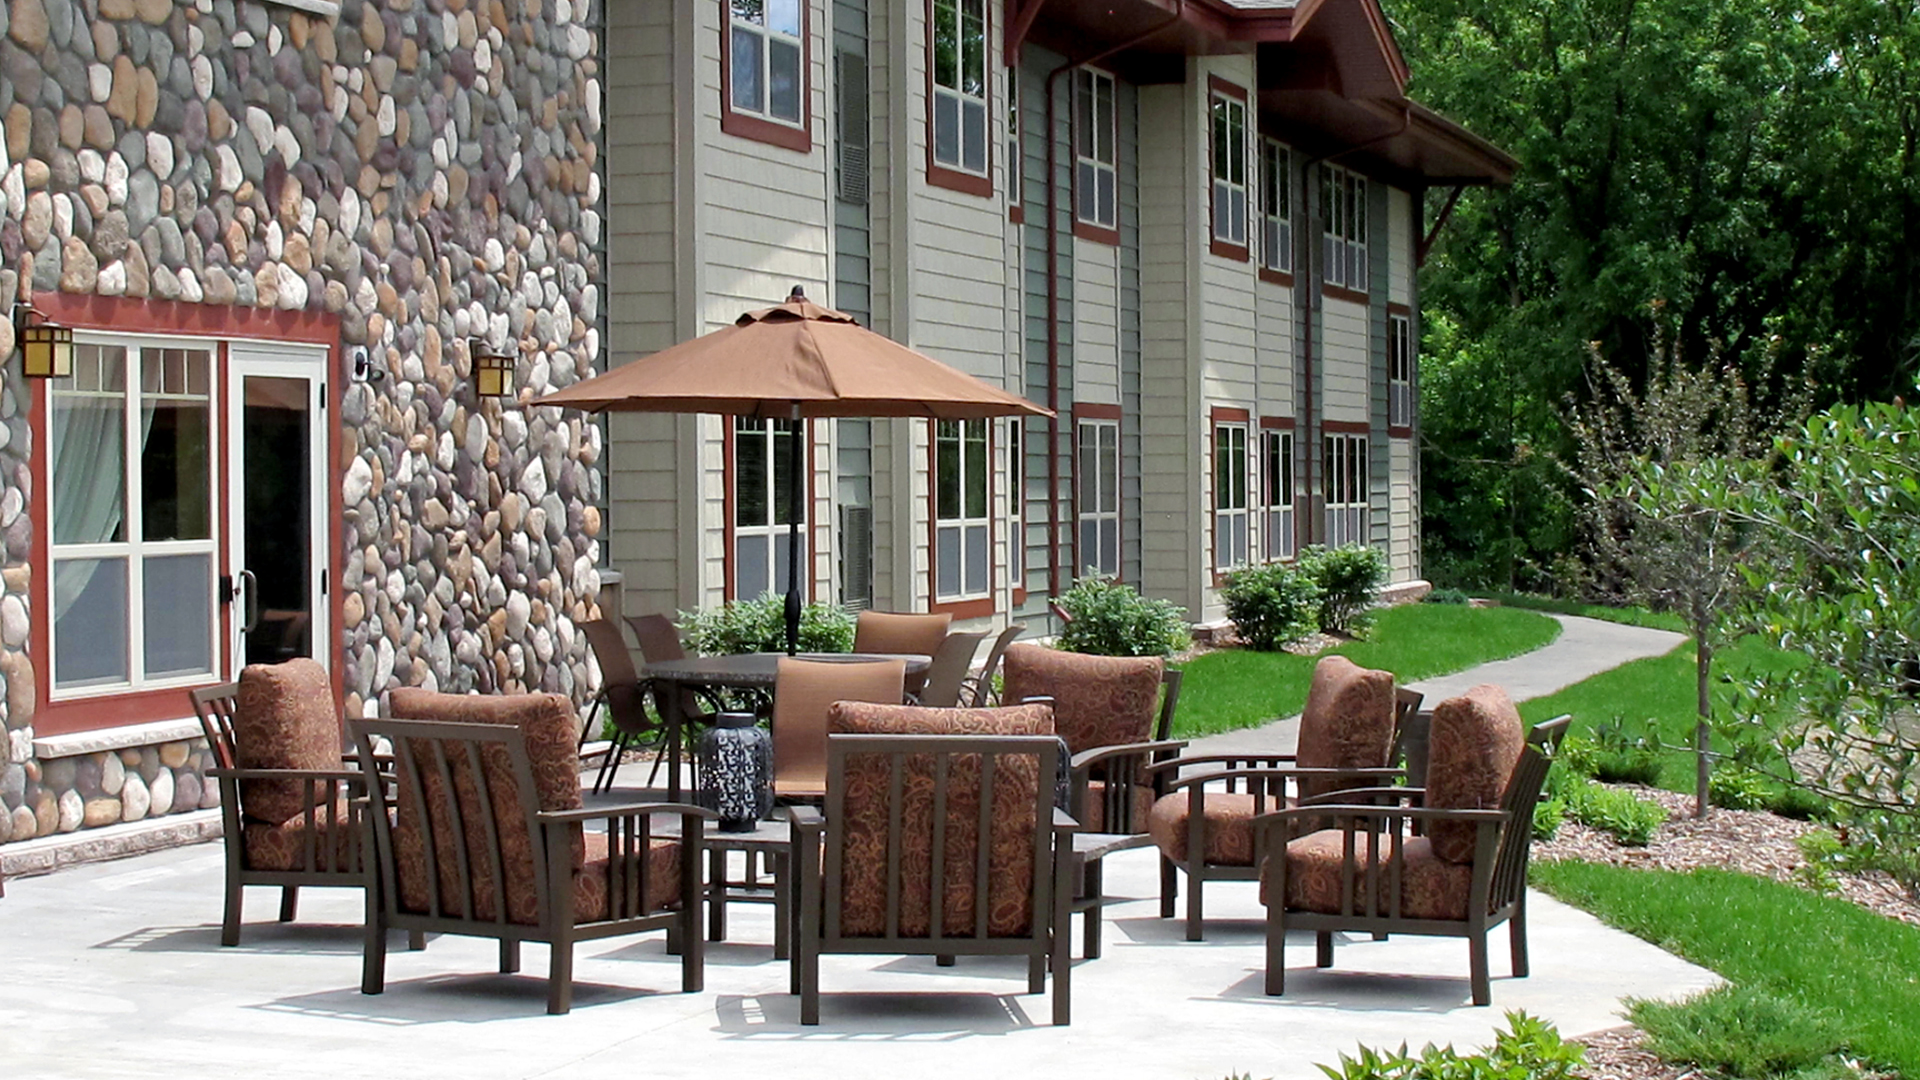 Trails of Orono Senior Housing Orono MN Outdoor Patio